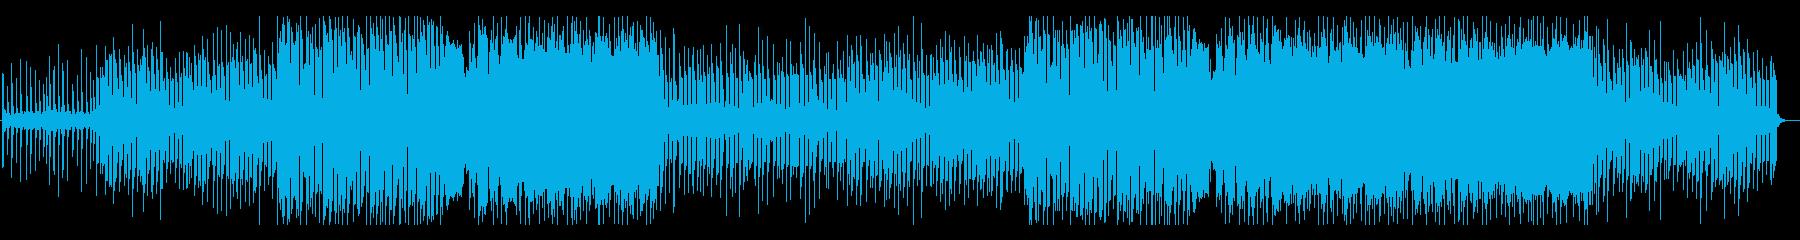 洋楽 フューチャーポップ 温かい EDの再生済みの波形